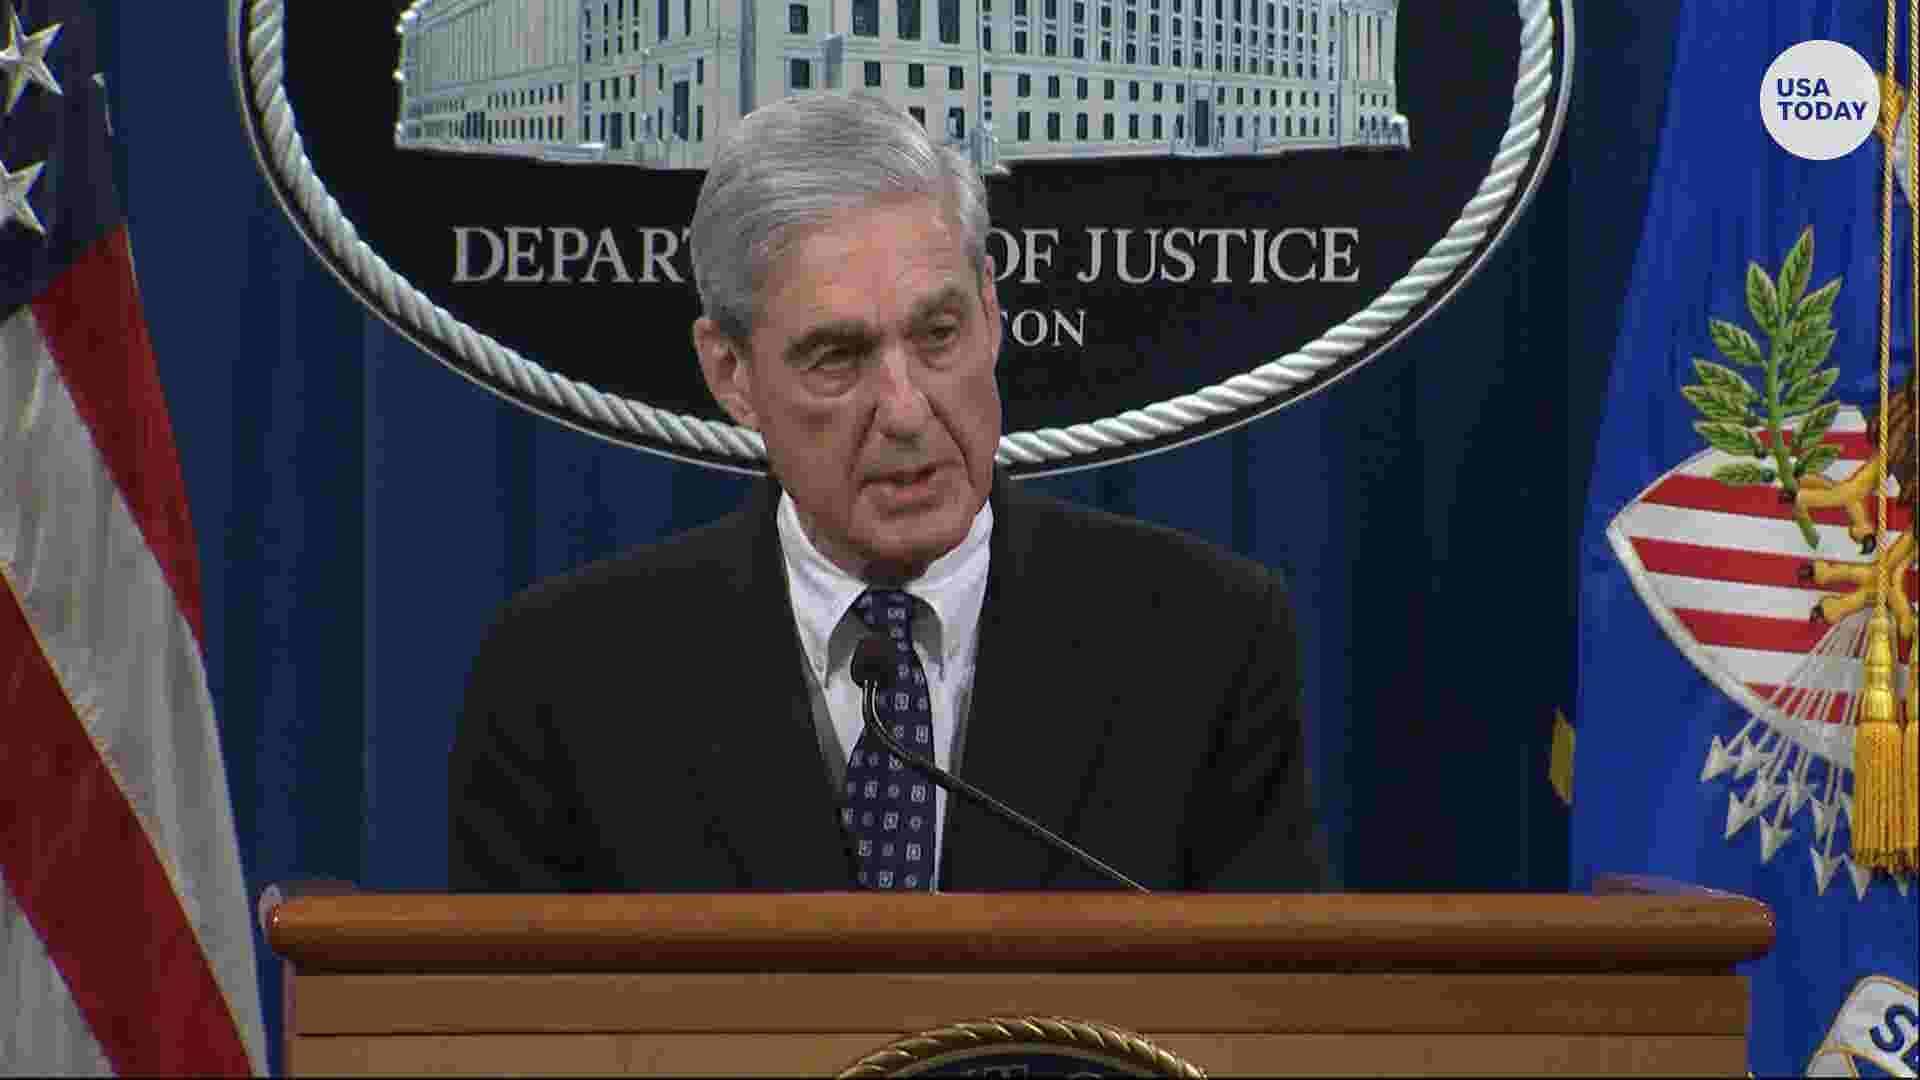 Robert Mueller breaks silence on Russia probe